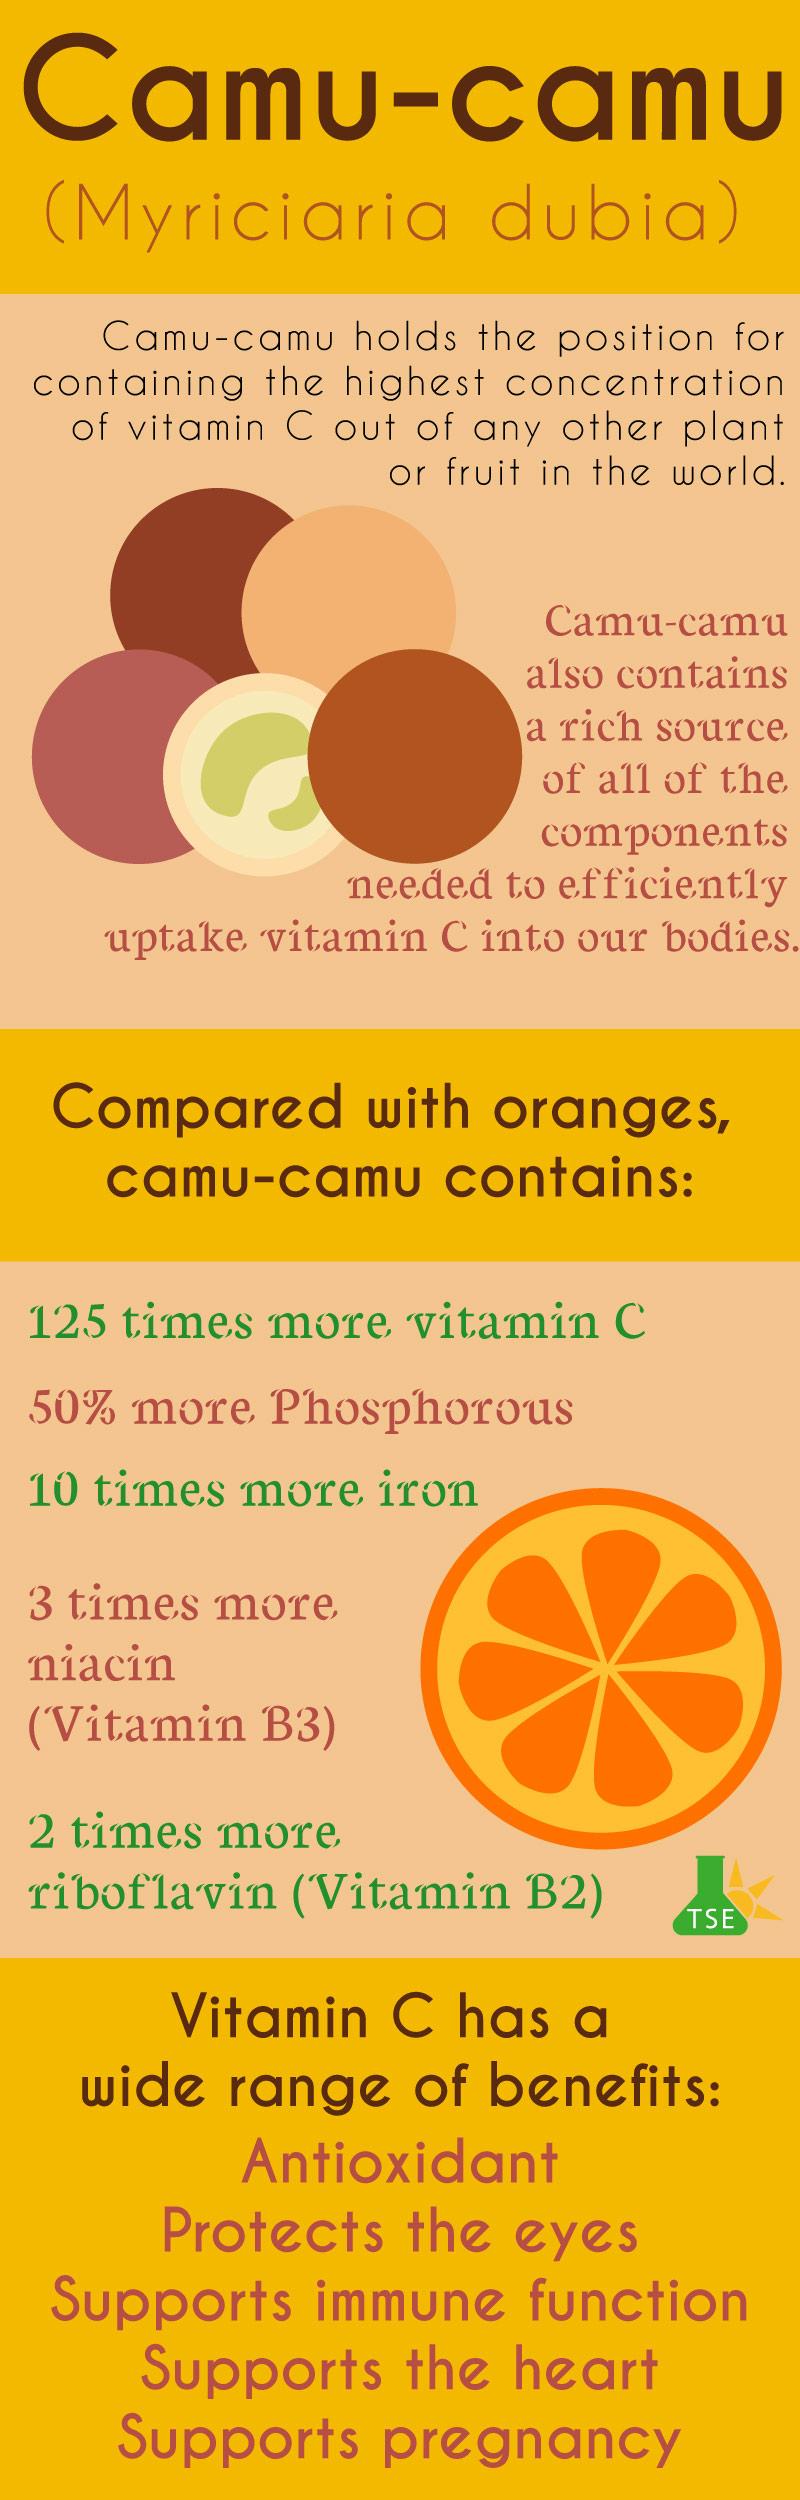 Camu-camu infographic